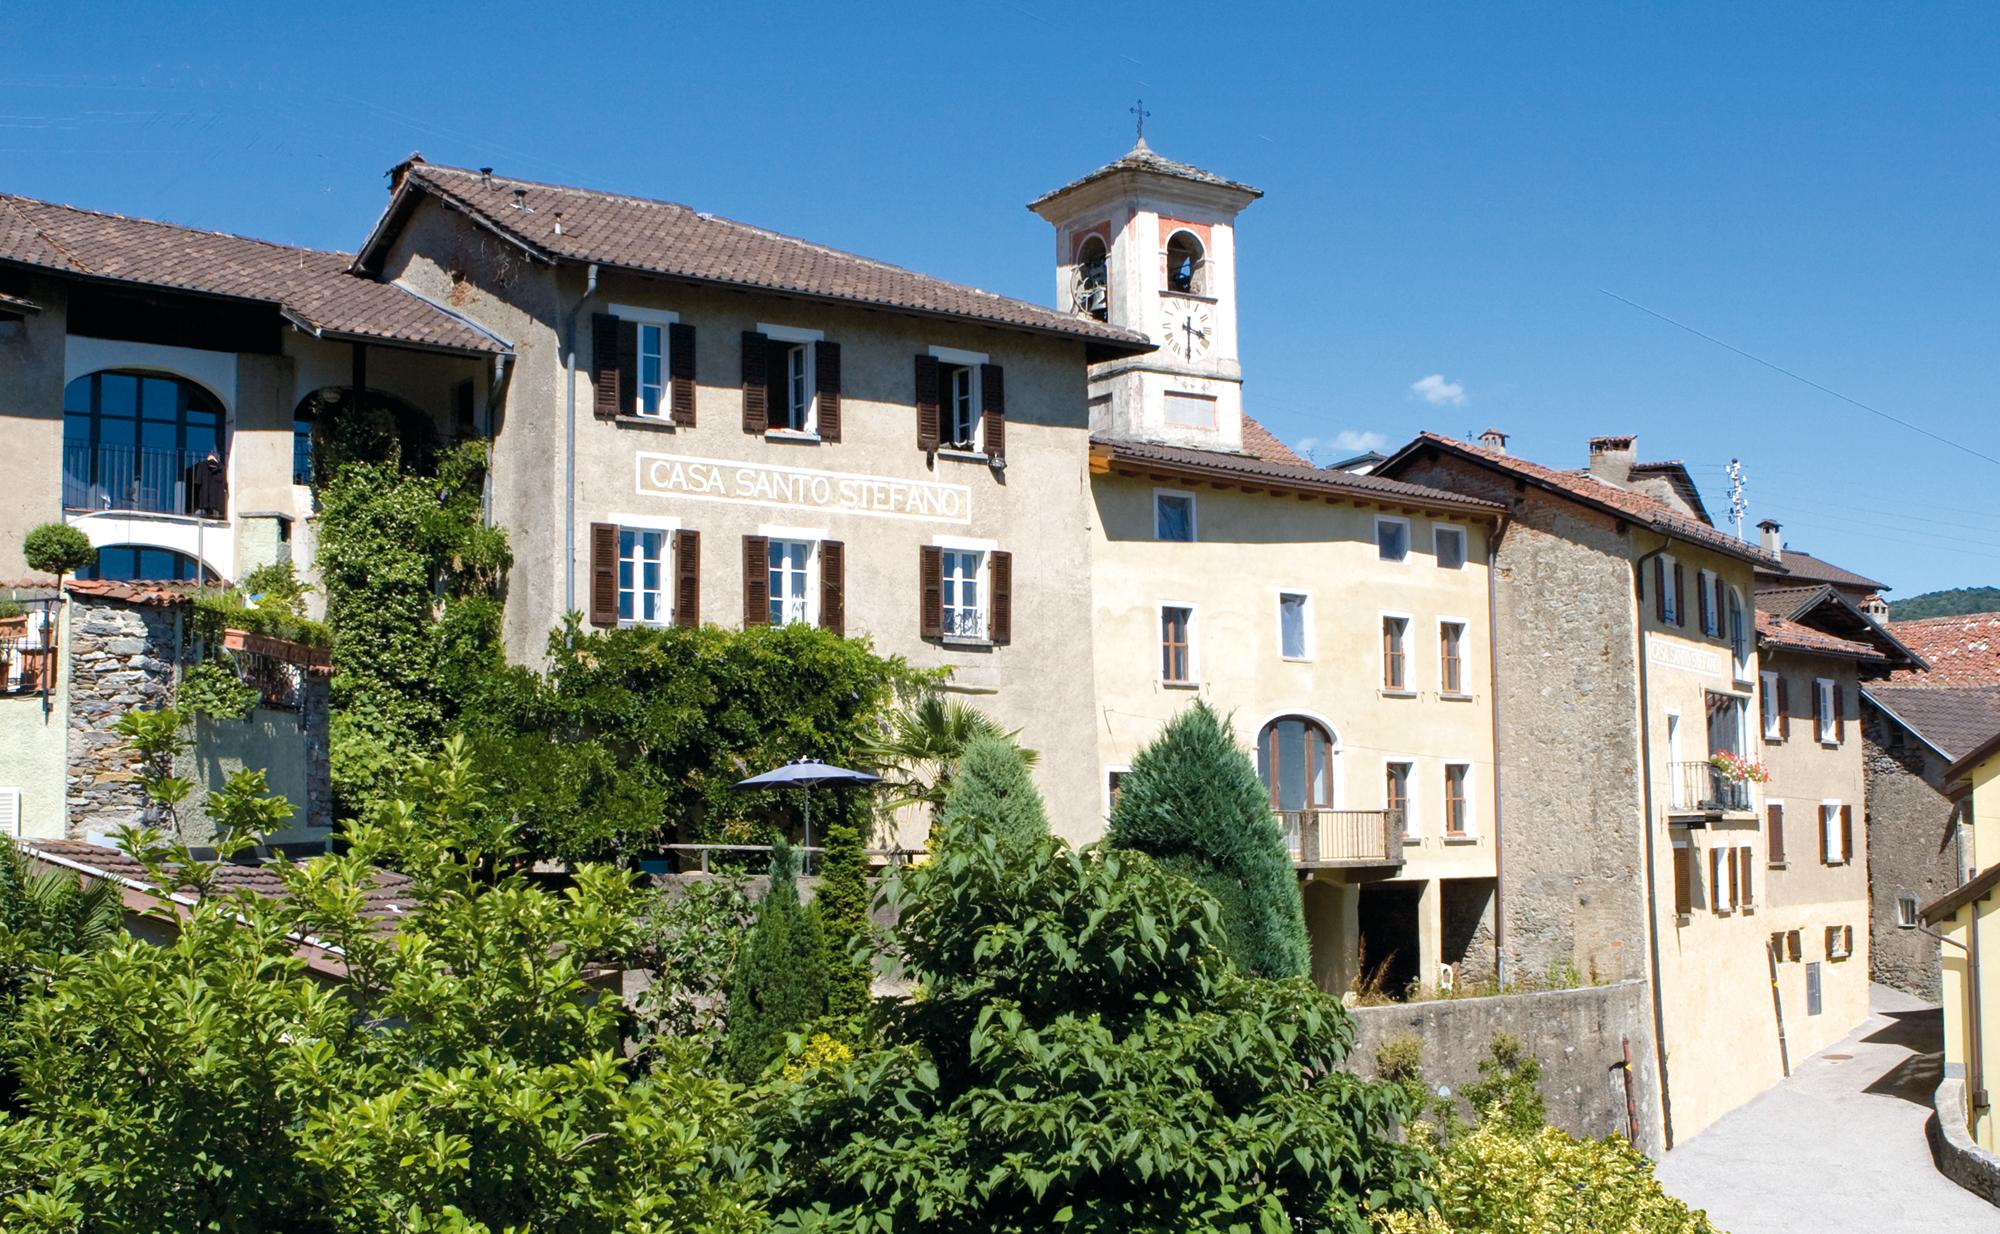 Das Albergo Casa Santo Stefano im Schweizer Tessin